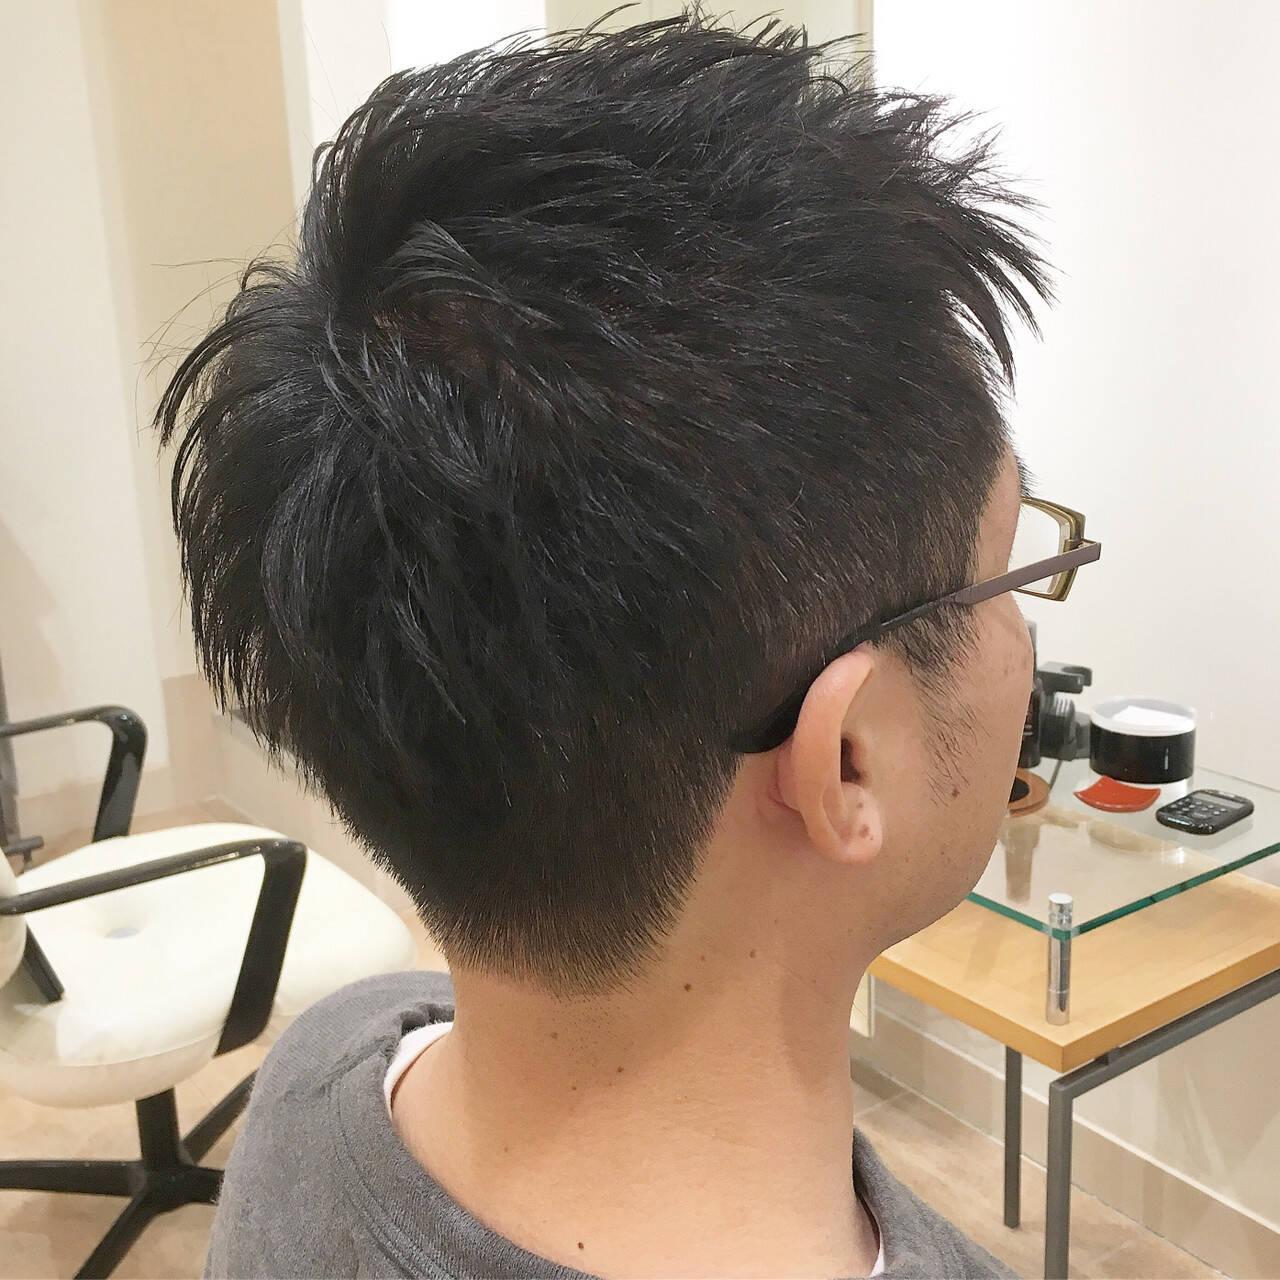 刈り上げ ツーブロック メンズカット ショートヘアスタイルや髪型の写真・画像